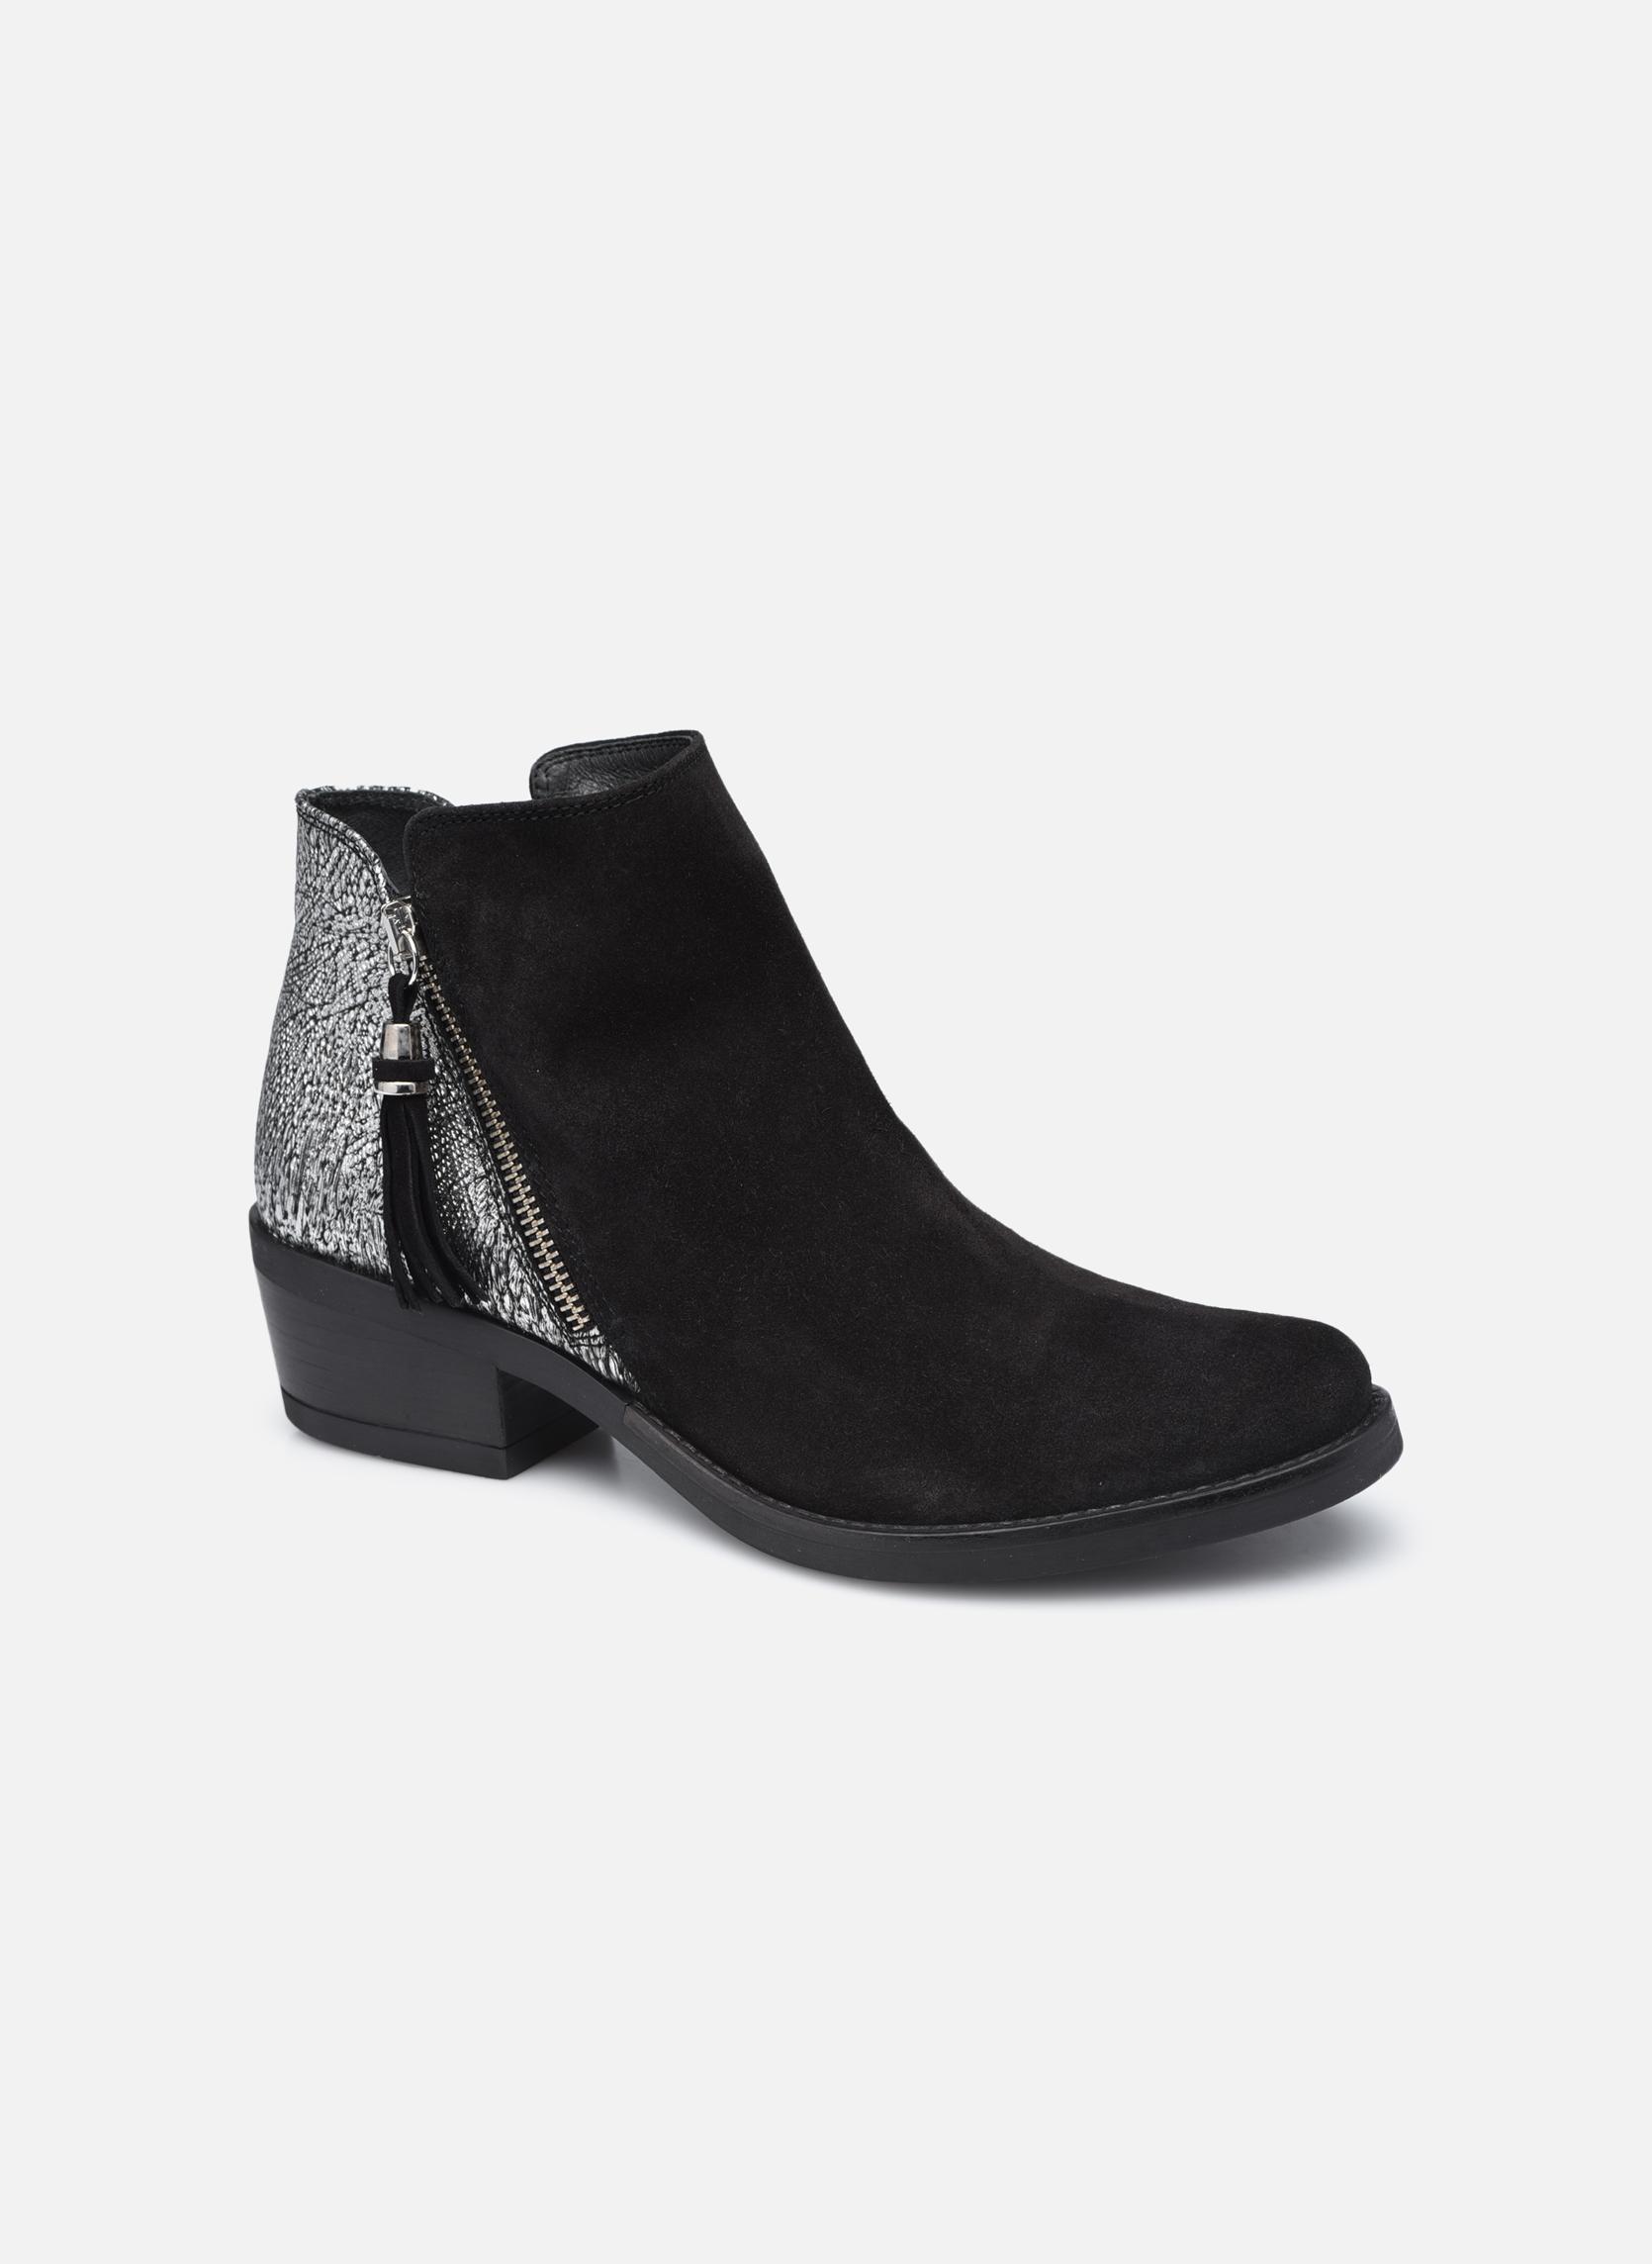 Bottines et boots Femme KI6623